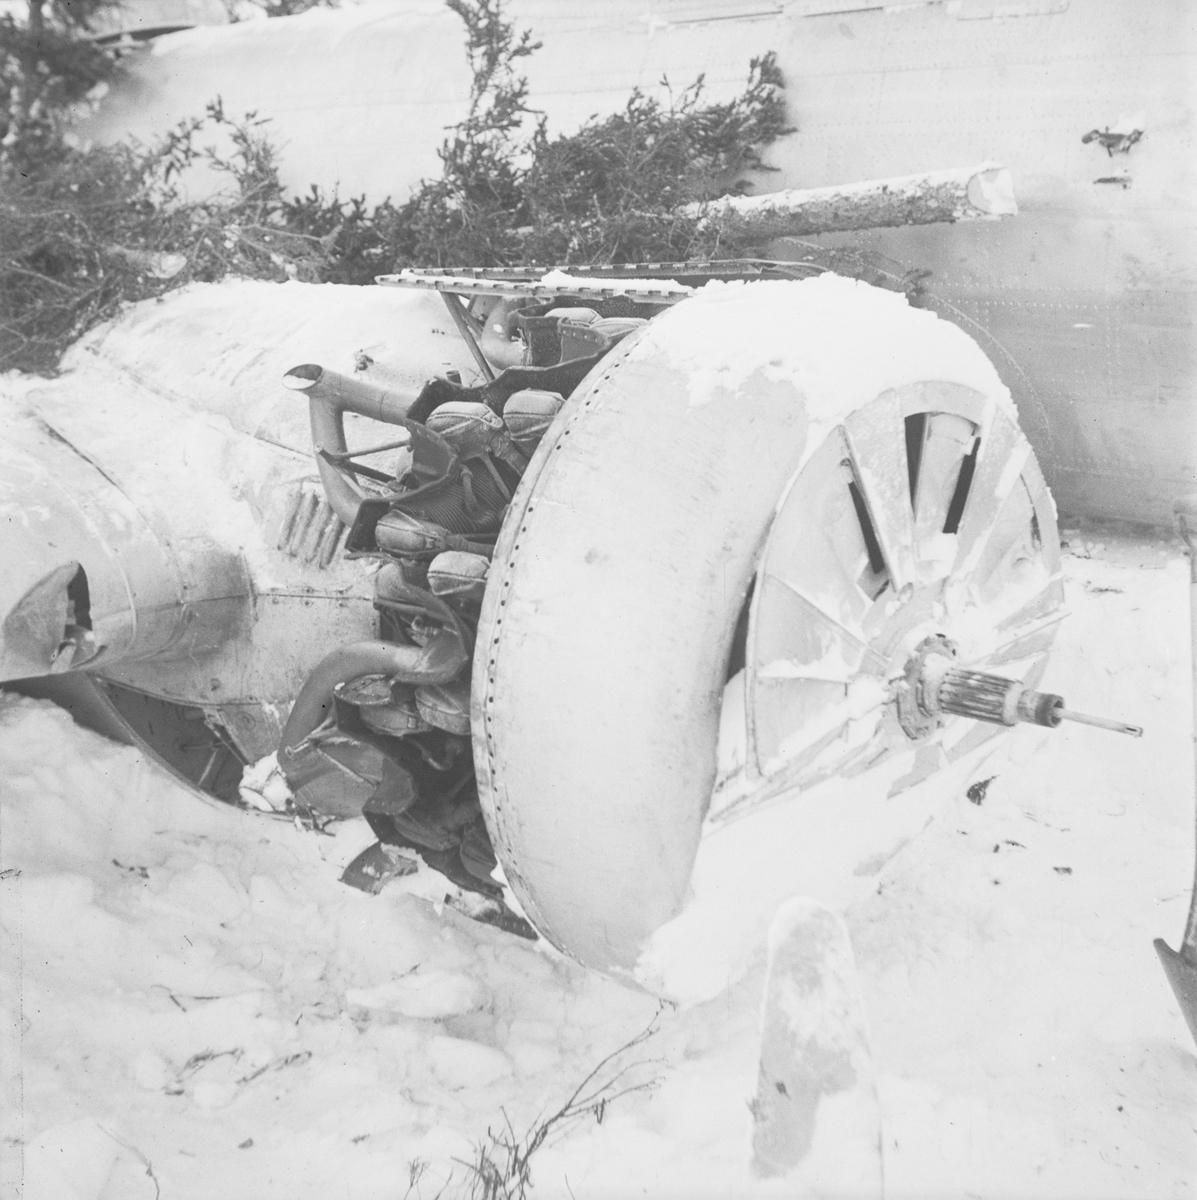 Motor till nedskjutet sovjetiskt flygplan DB-3 vid Svenska frivilligkåren i Finland, F 19.